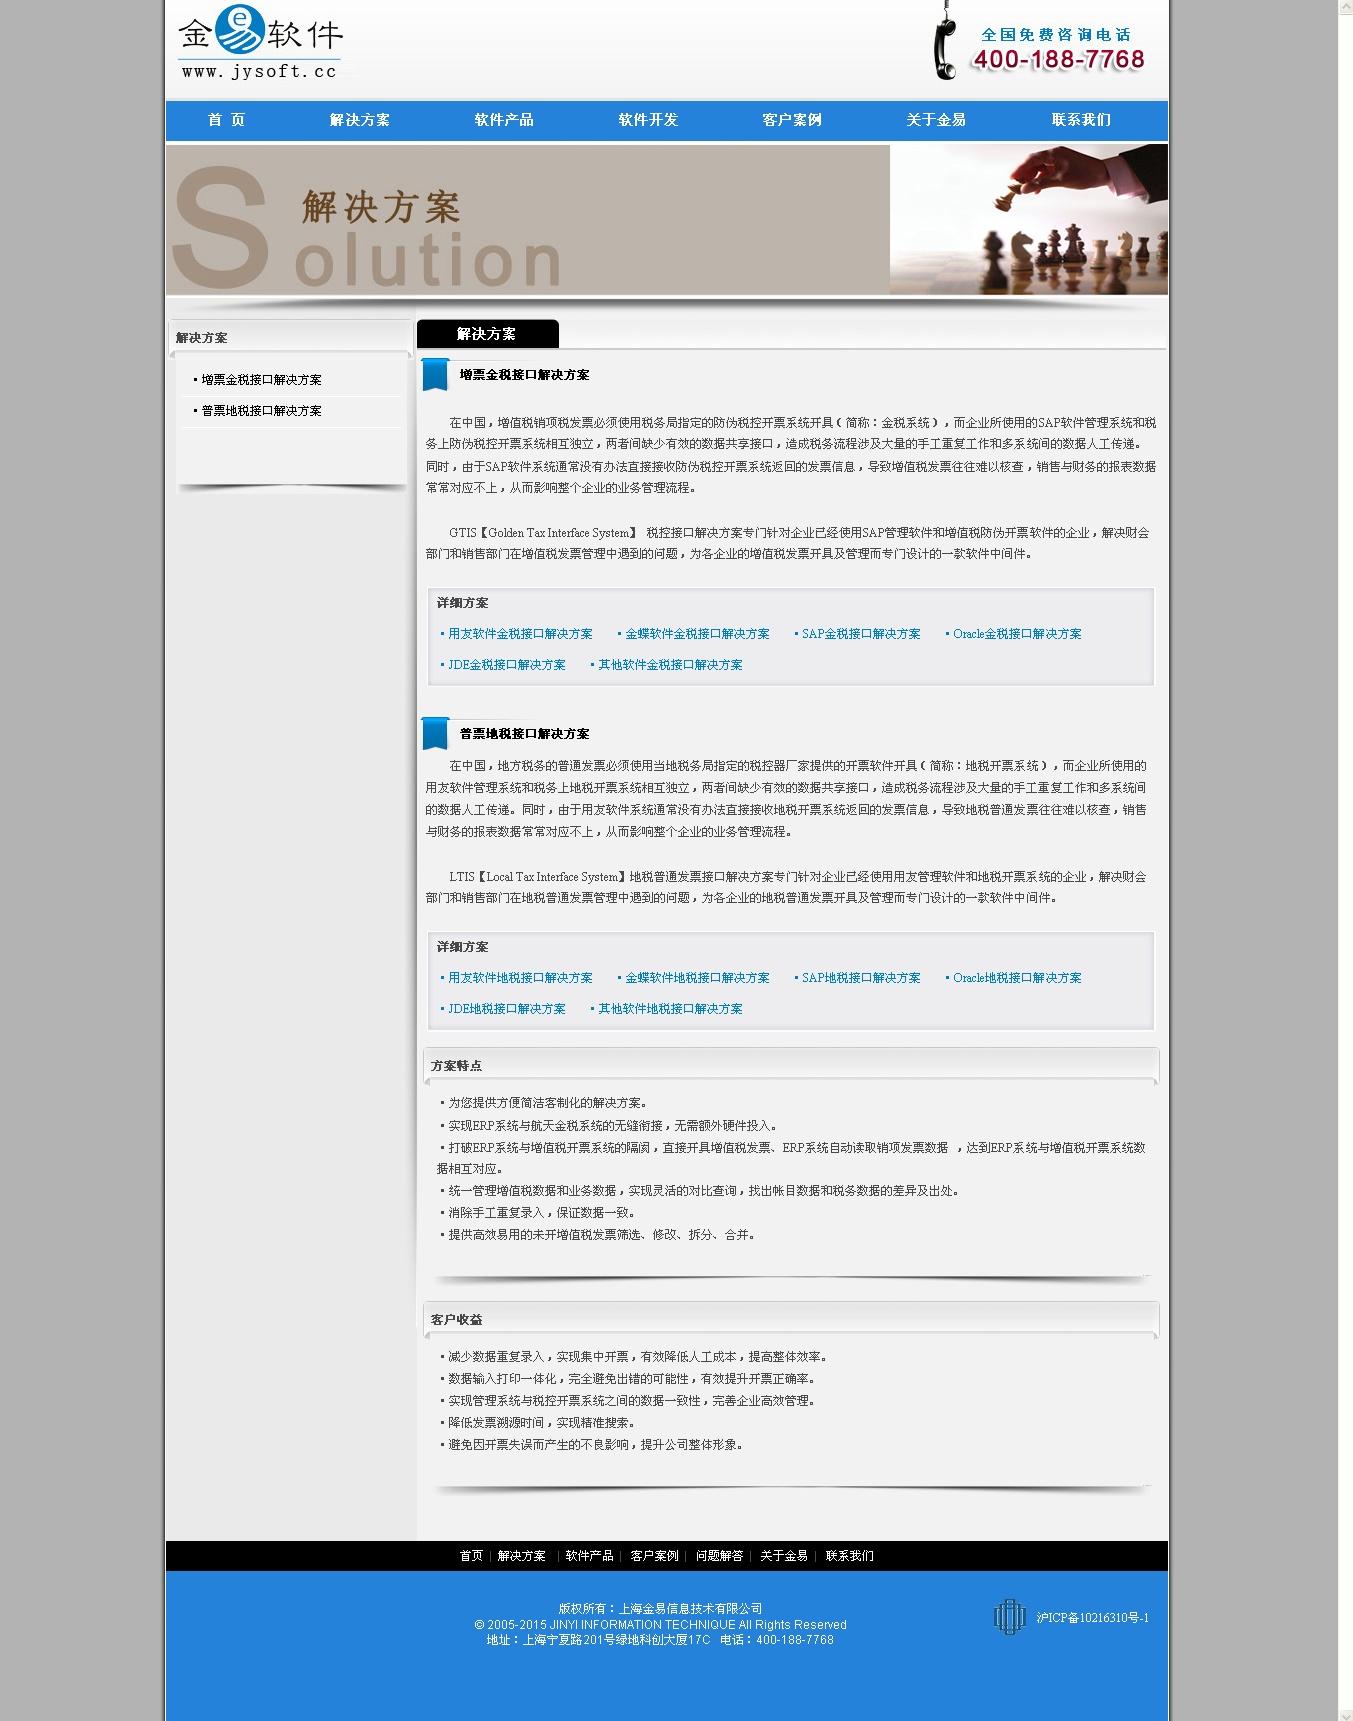 上海金易信息技术有限公司--税控接口 UI 图标 